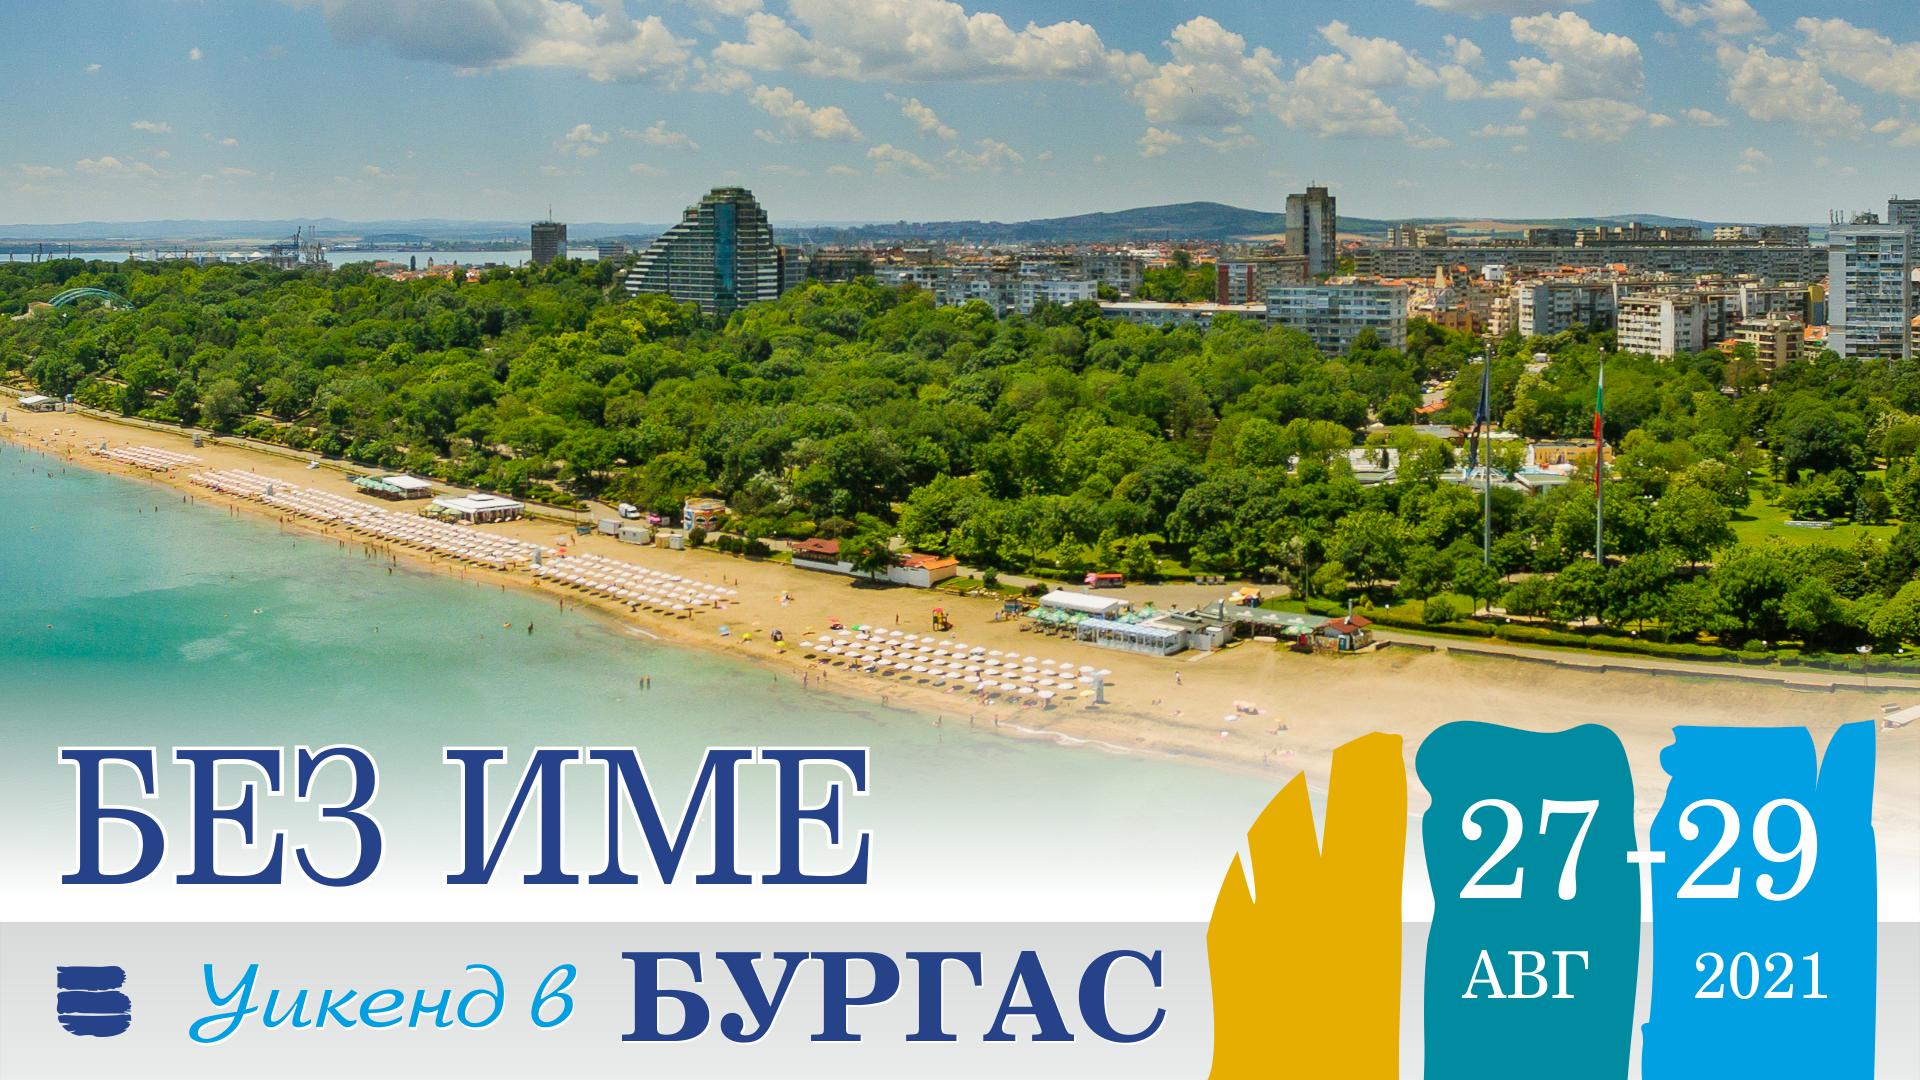 Уикенд без име в Бургас 27 - 29 август